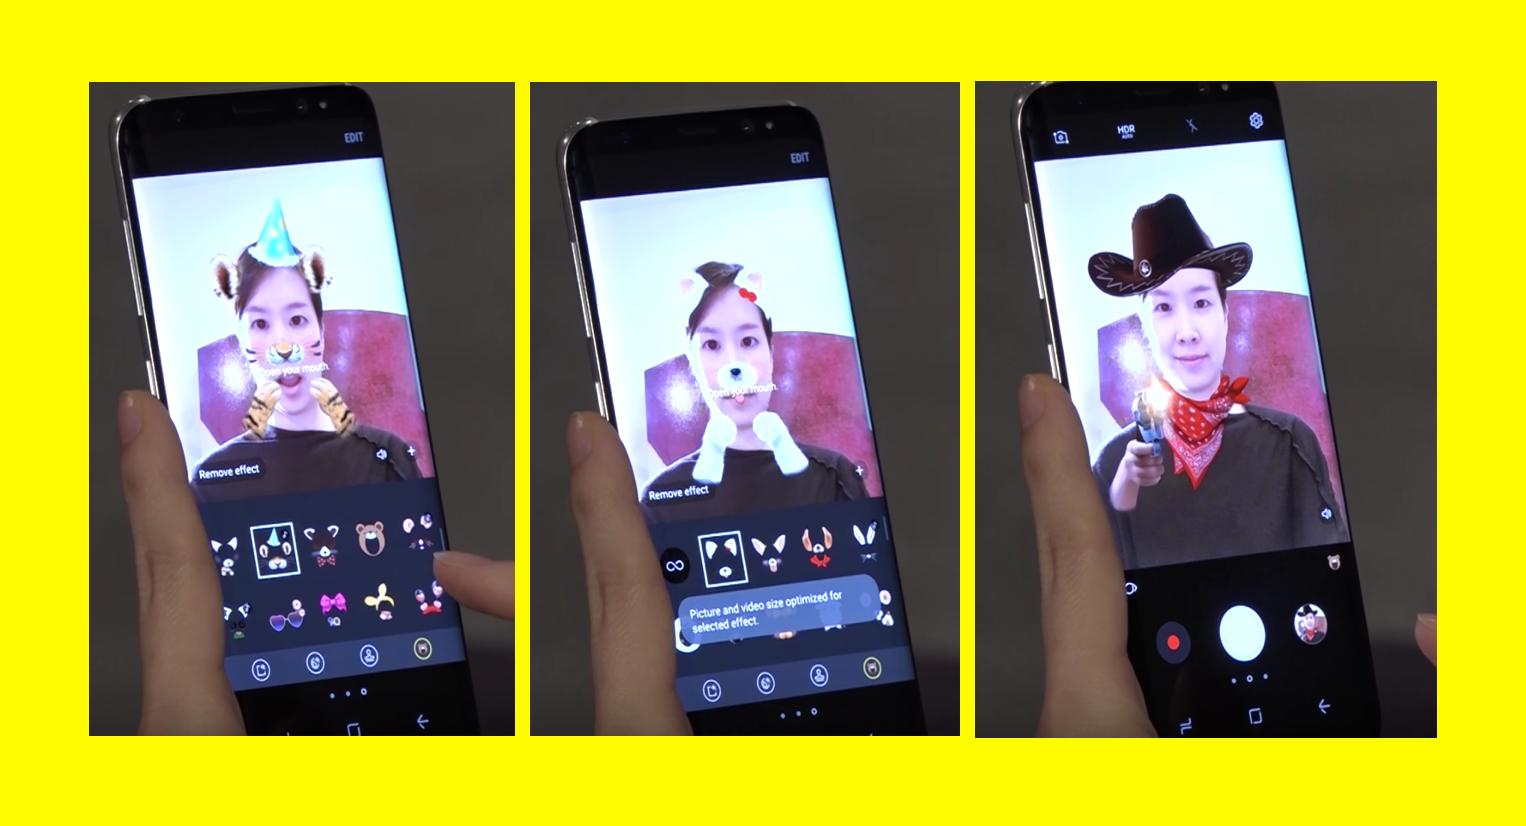 Samsung Galaxy S8 Snapchat